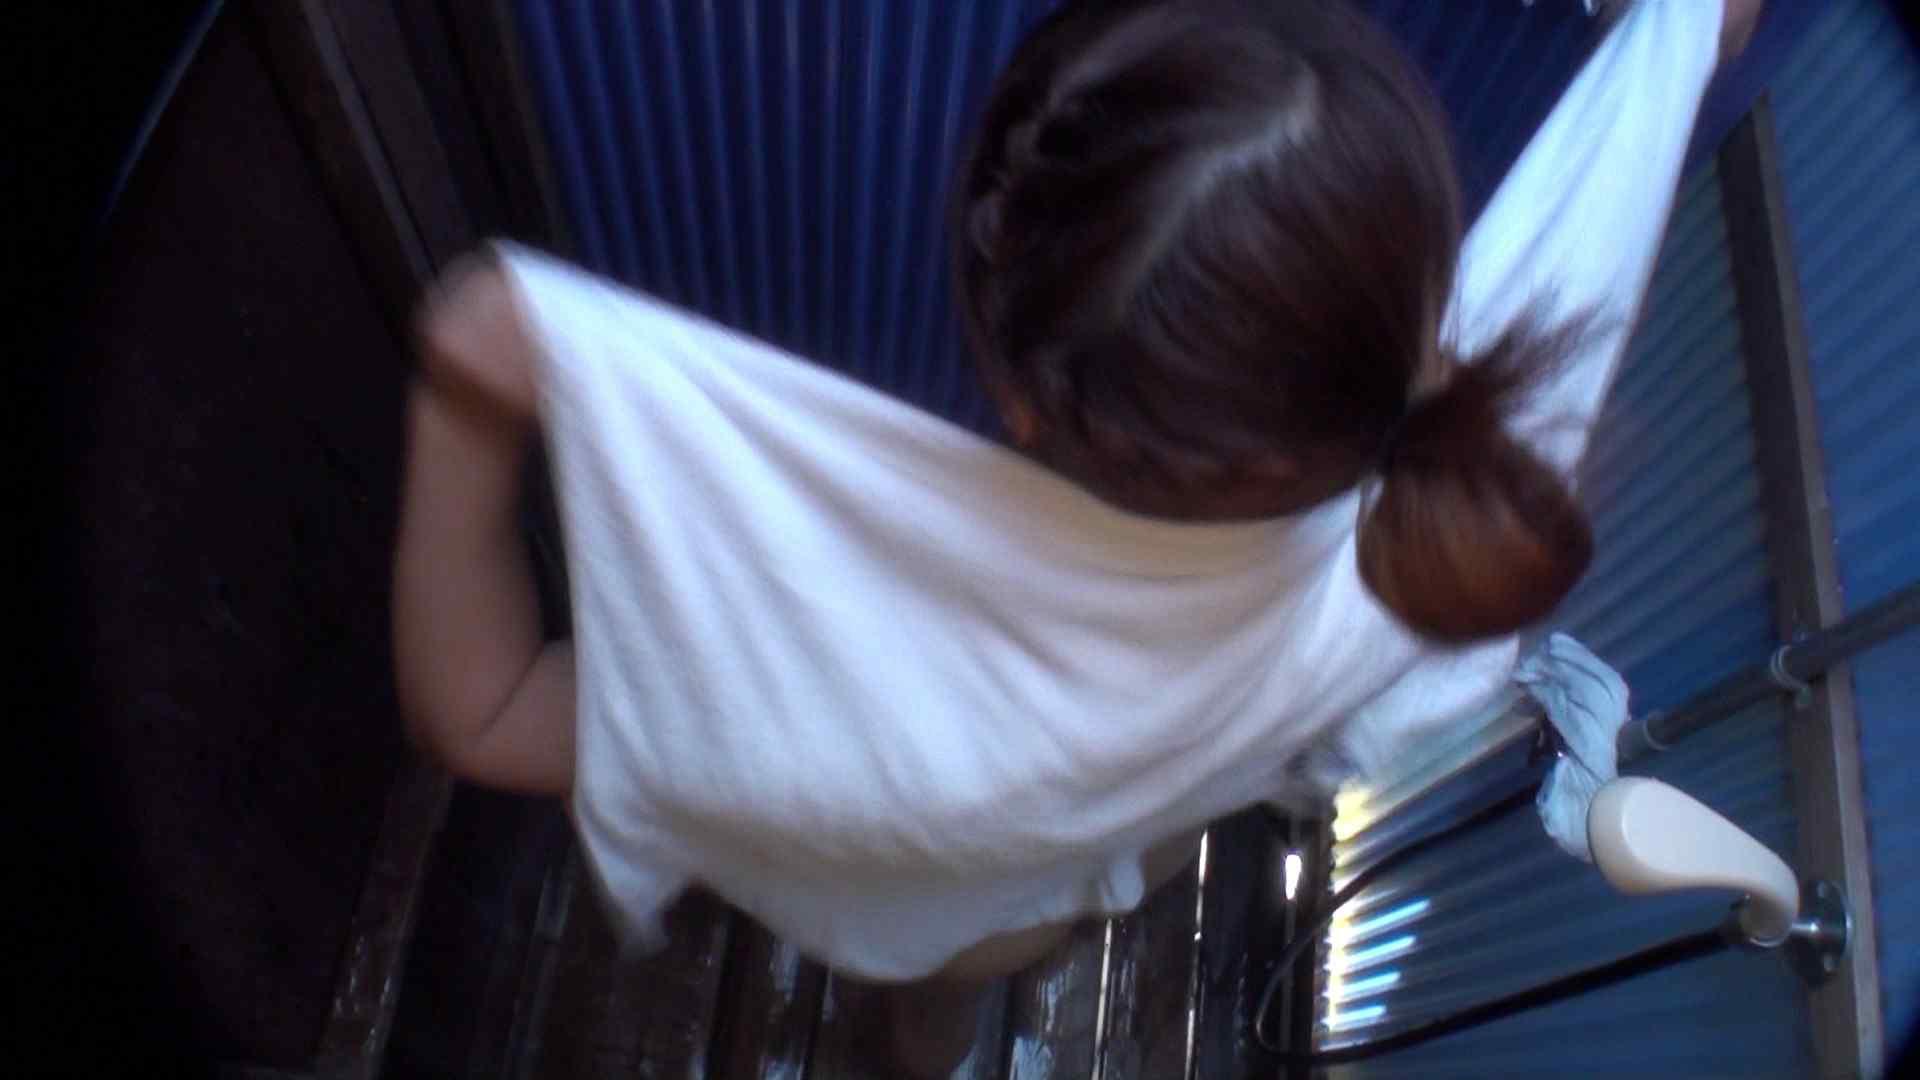 Vol.18 幼児体型なムッチリギャル シャワー中 | ギャル・コレクション  58連発 17